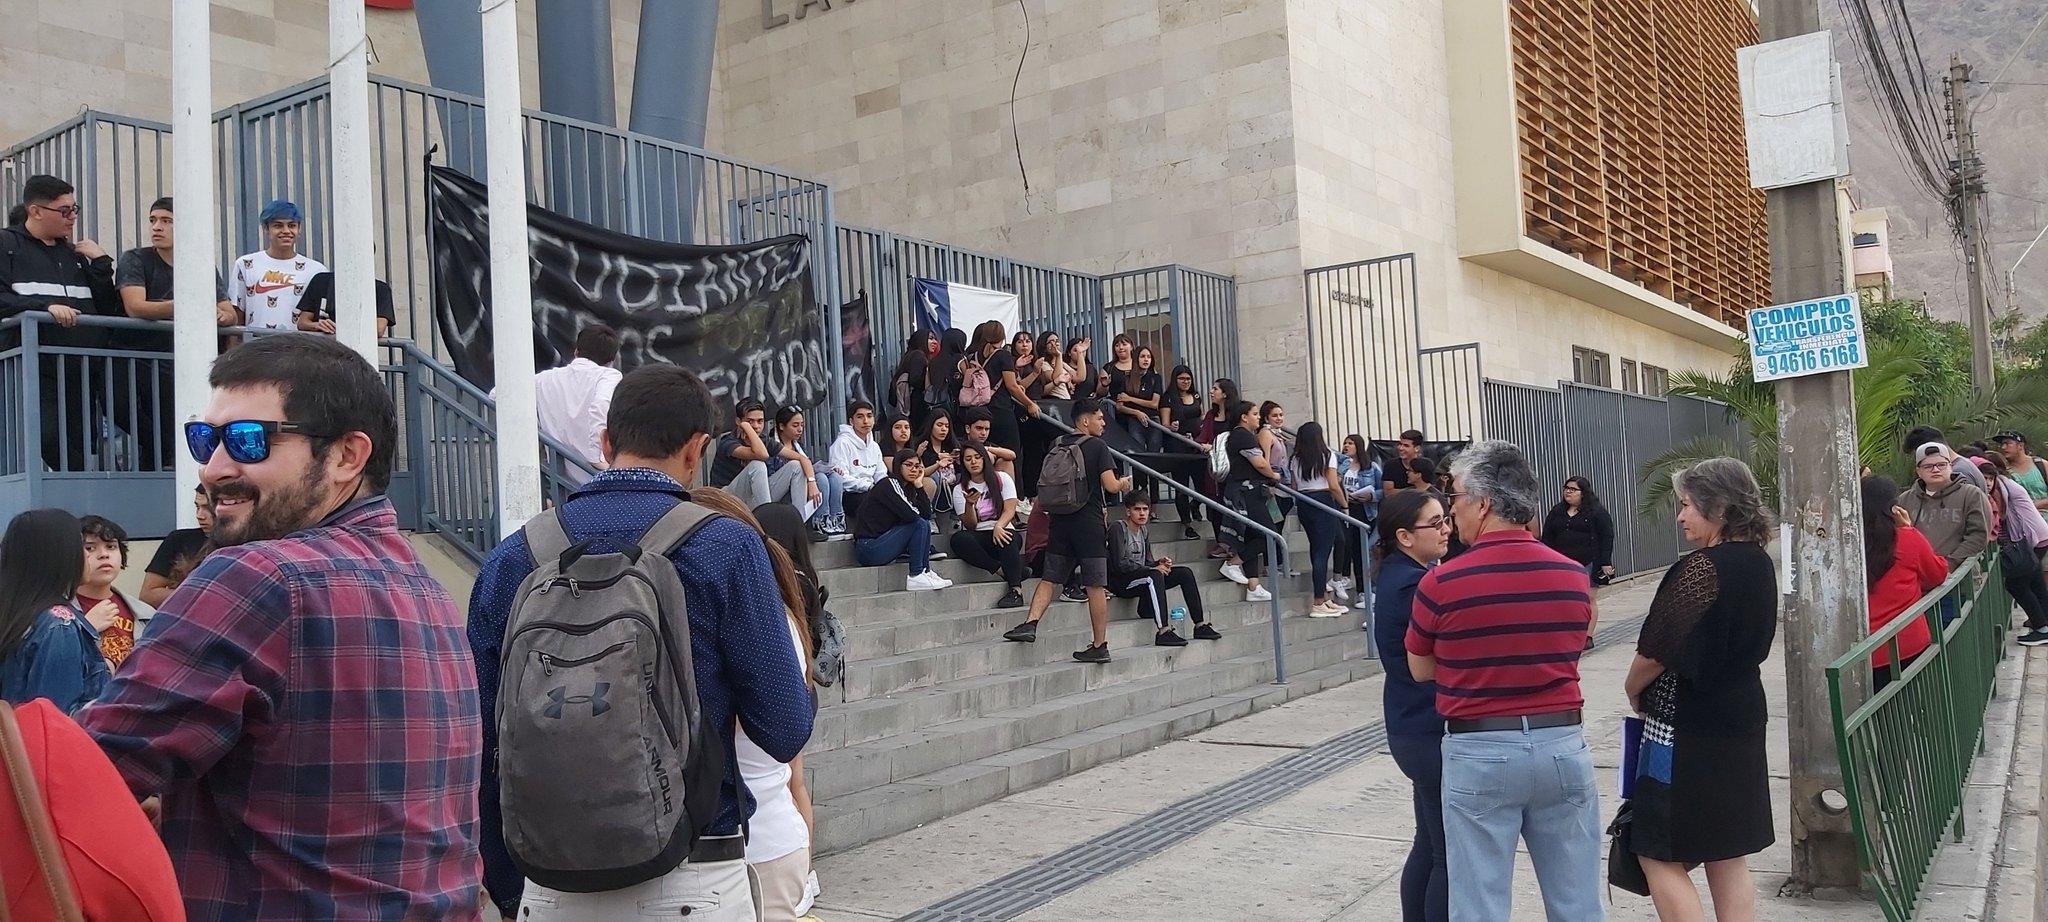 Demre suspende PSU en 64 locales por incidentes